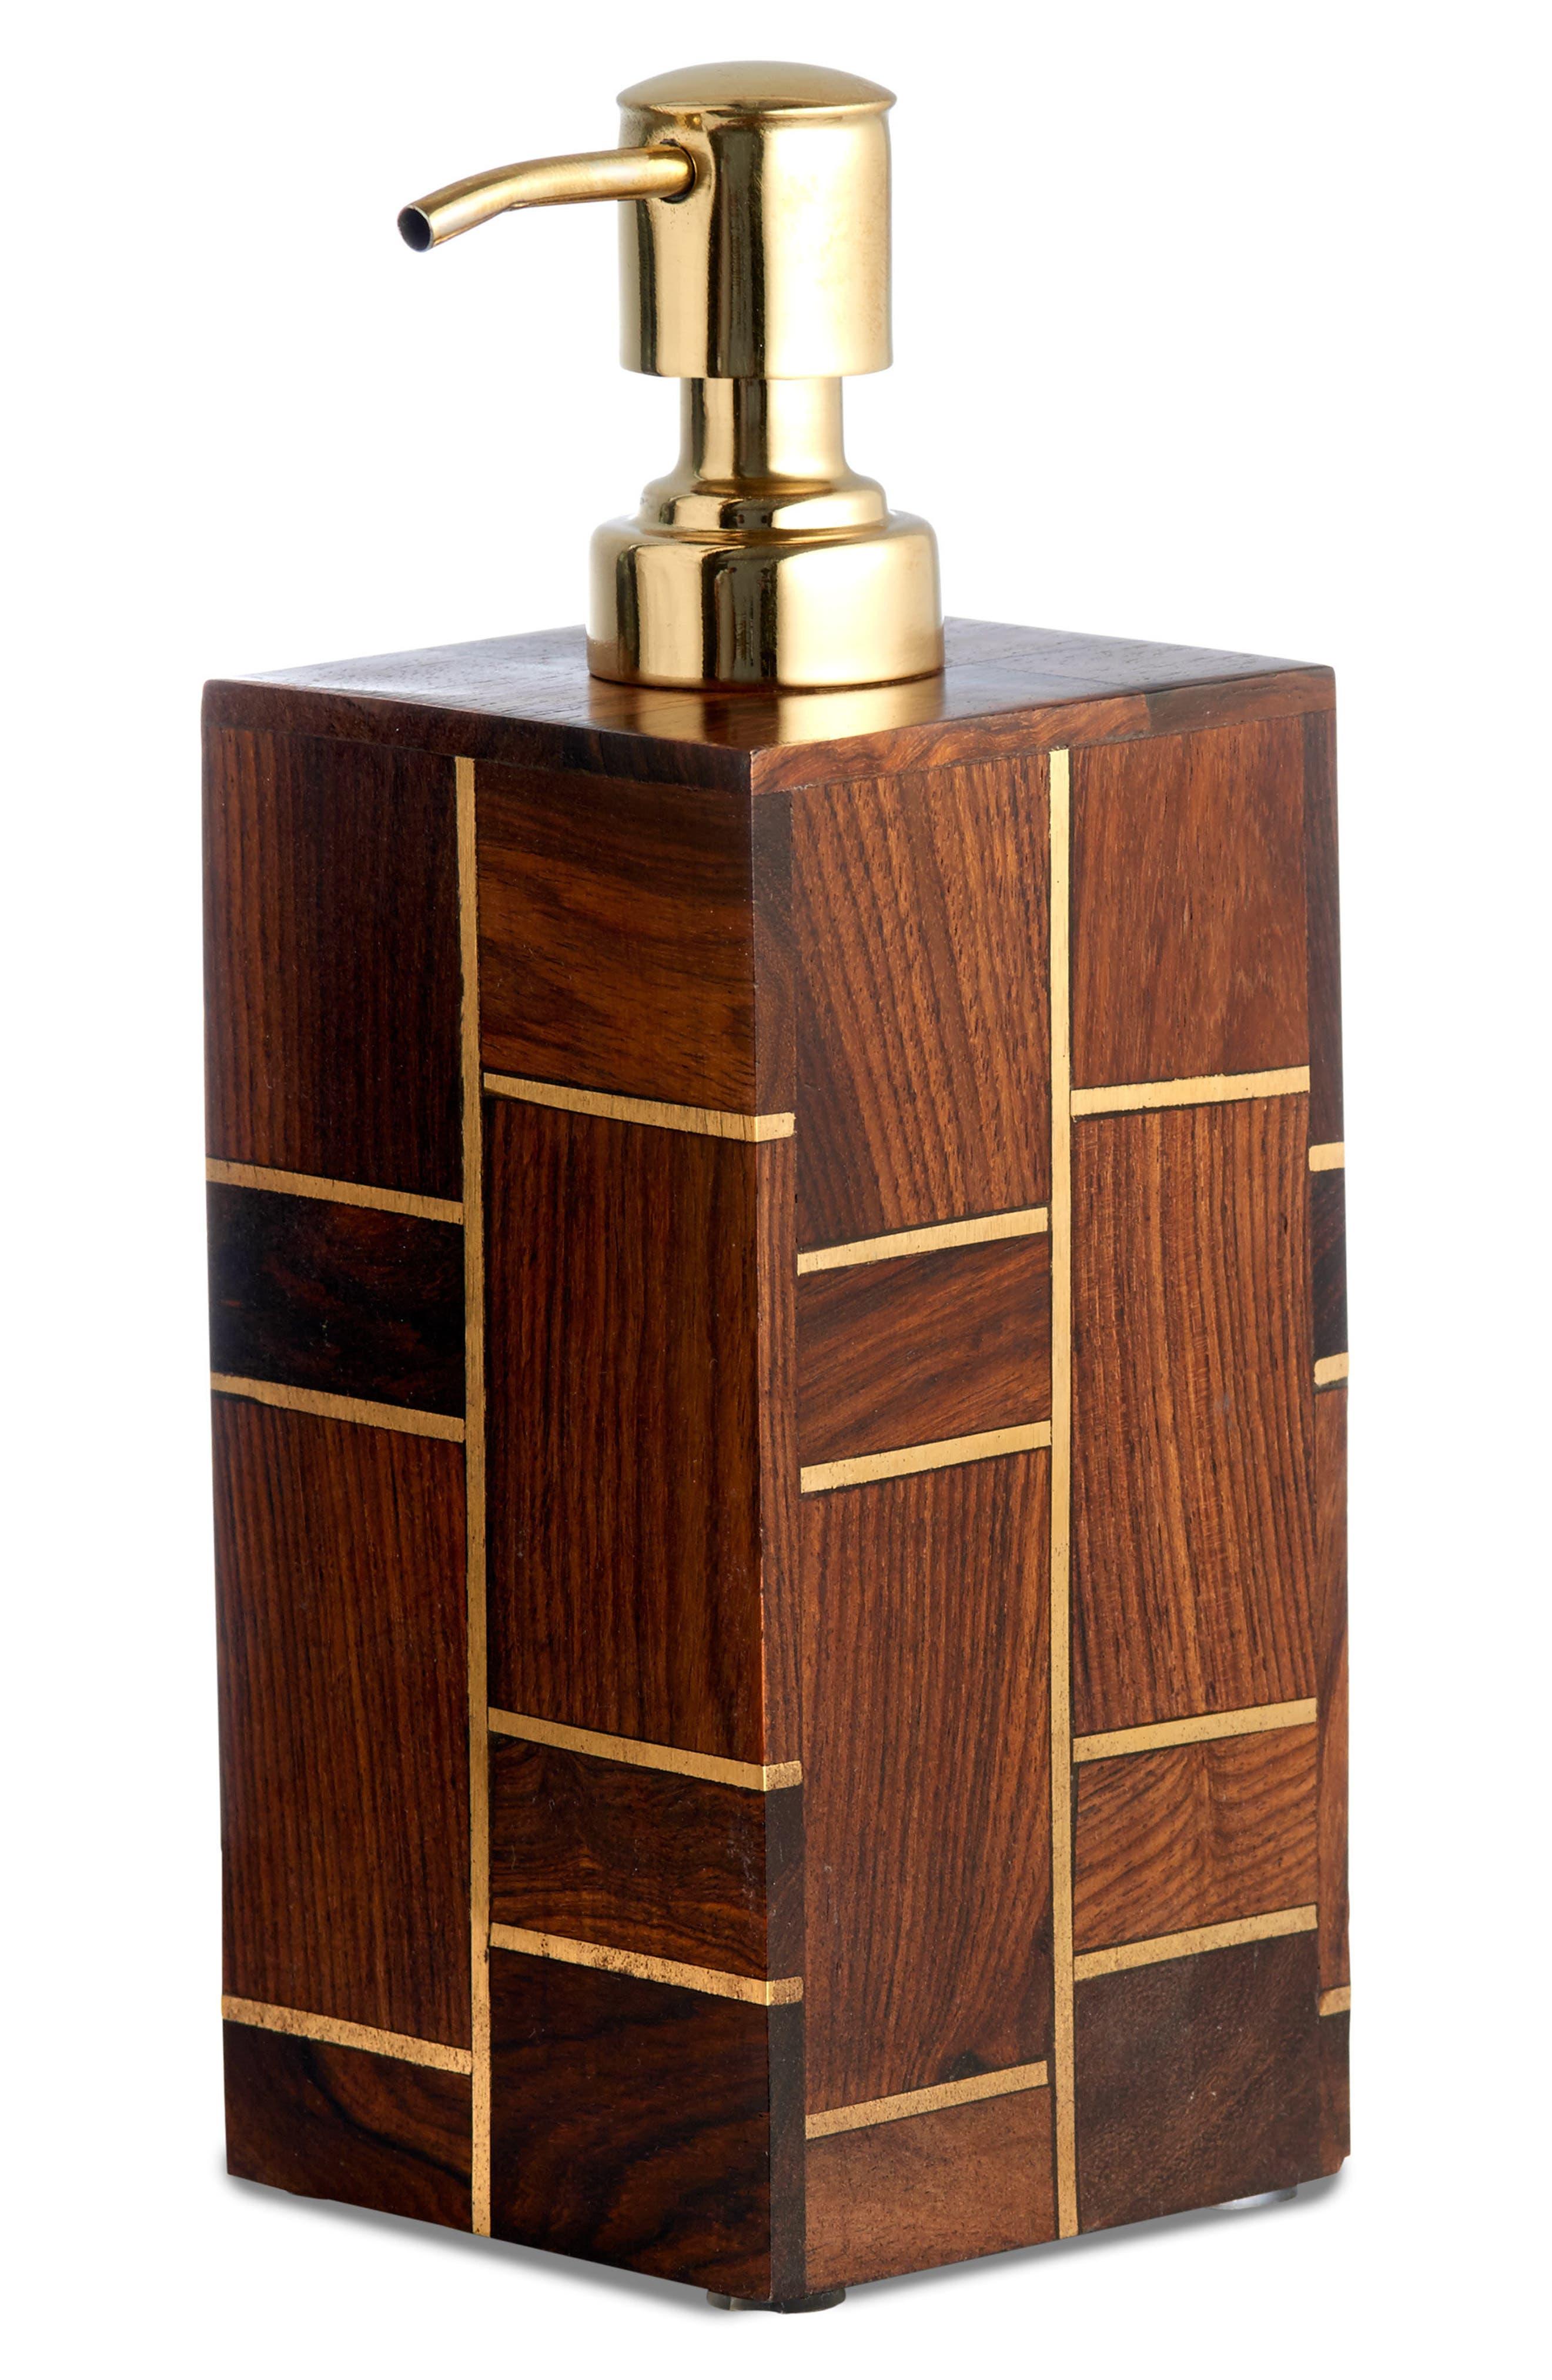 KASSATEX Melrose Rosewood Lotion Dispenser